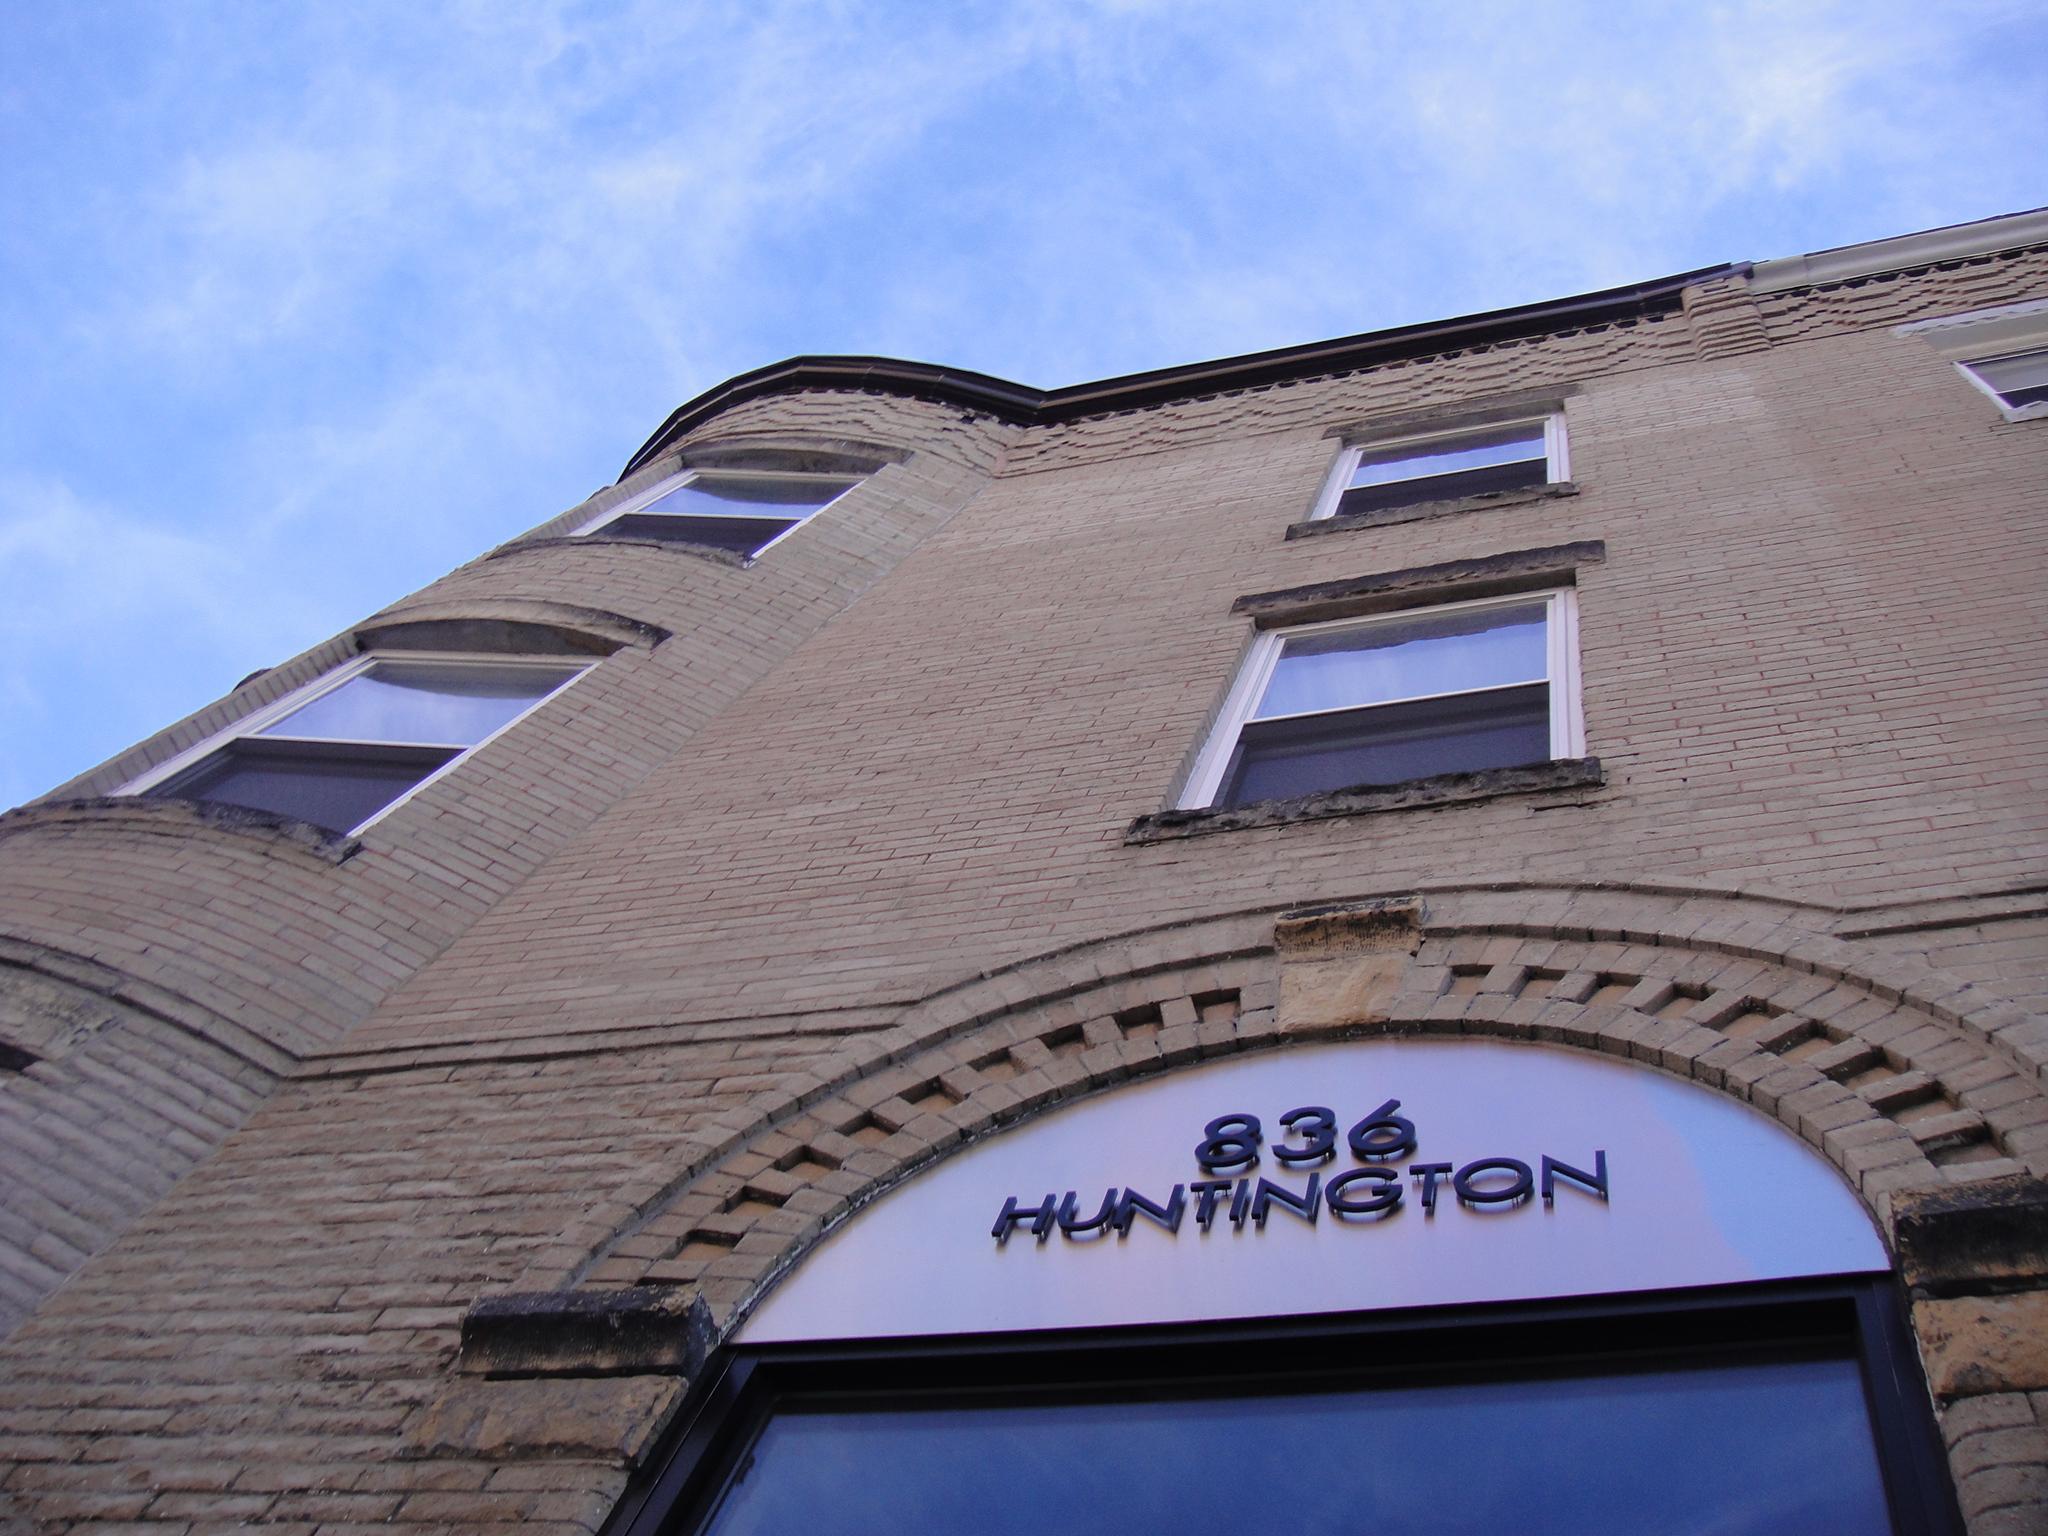 836 huntington exterior a.JPG